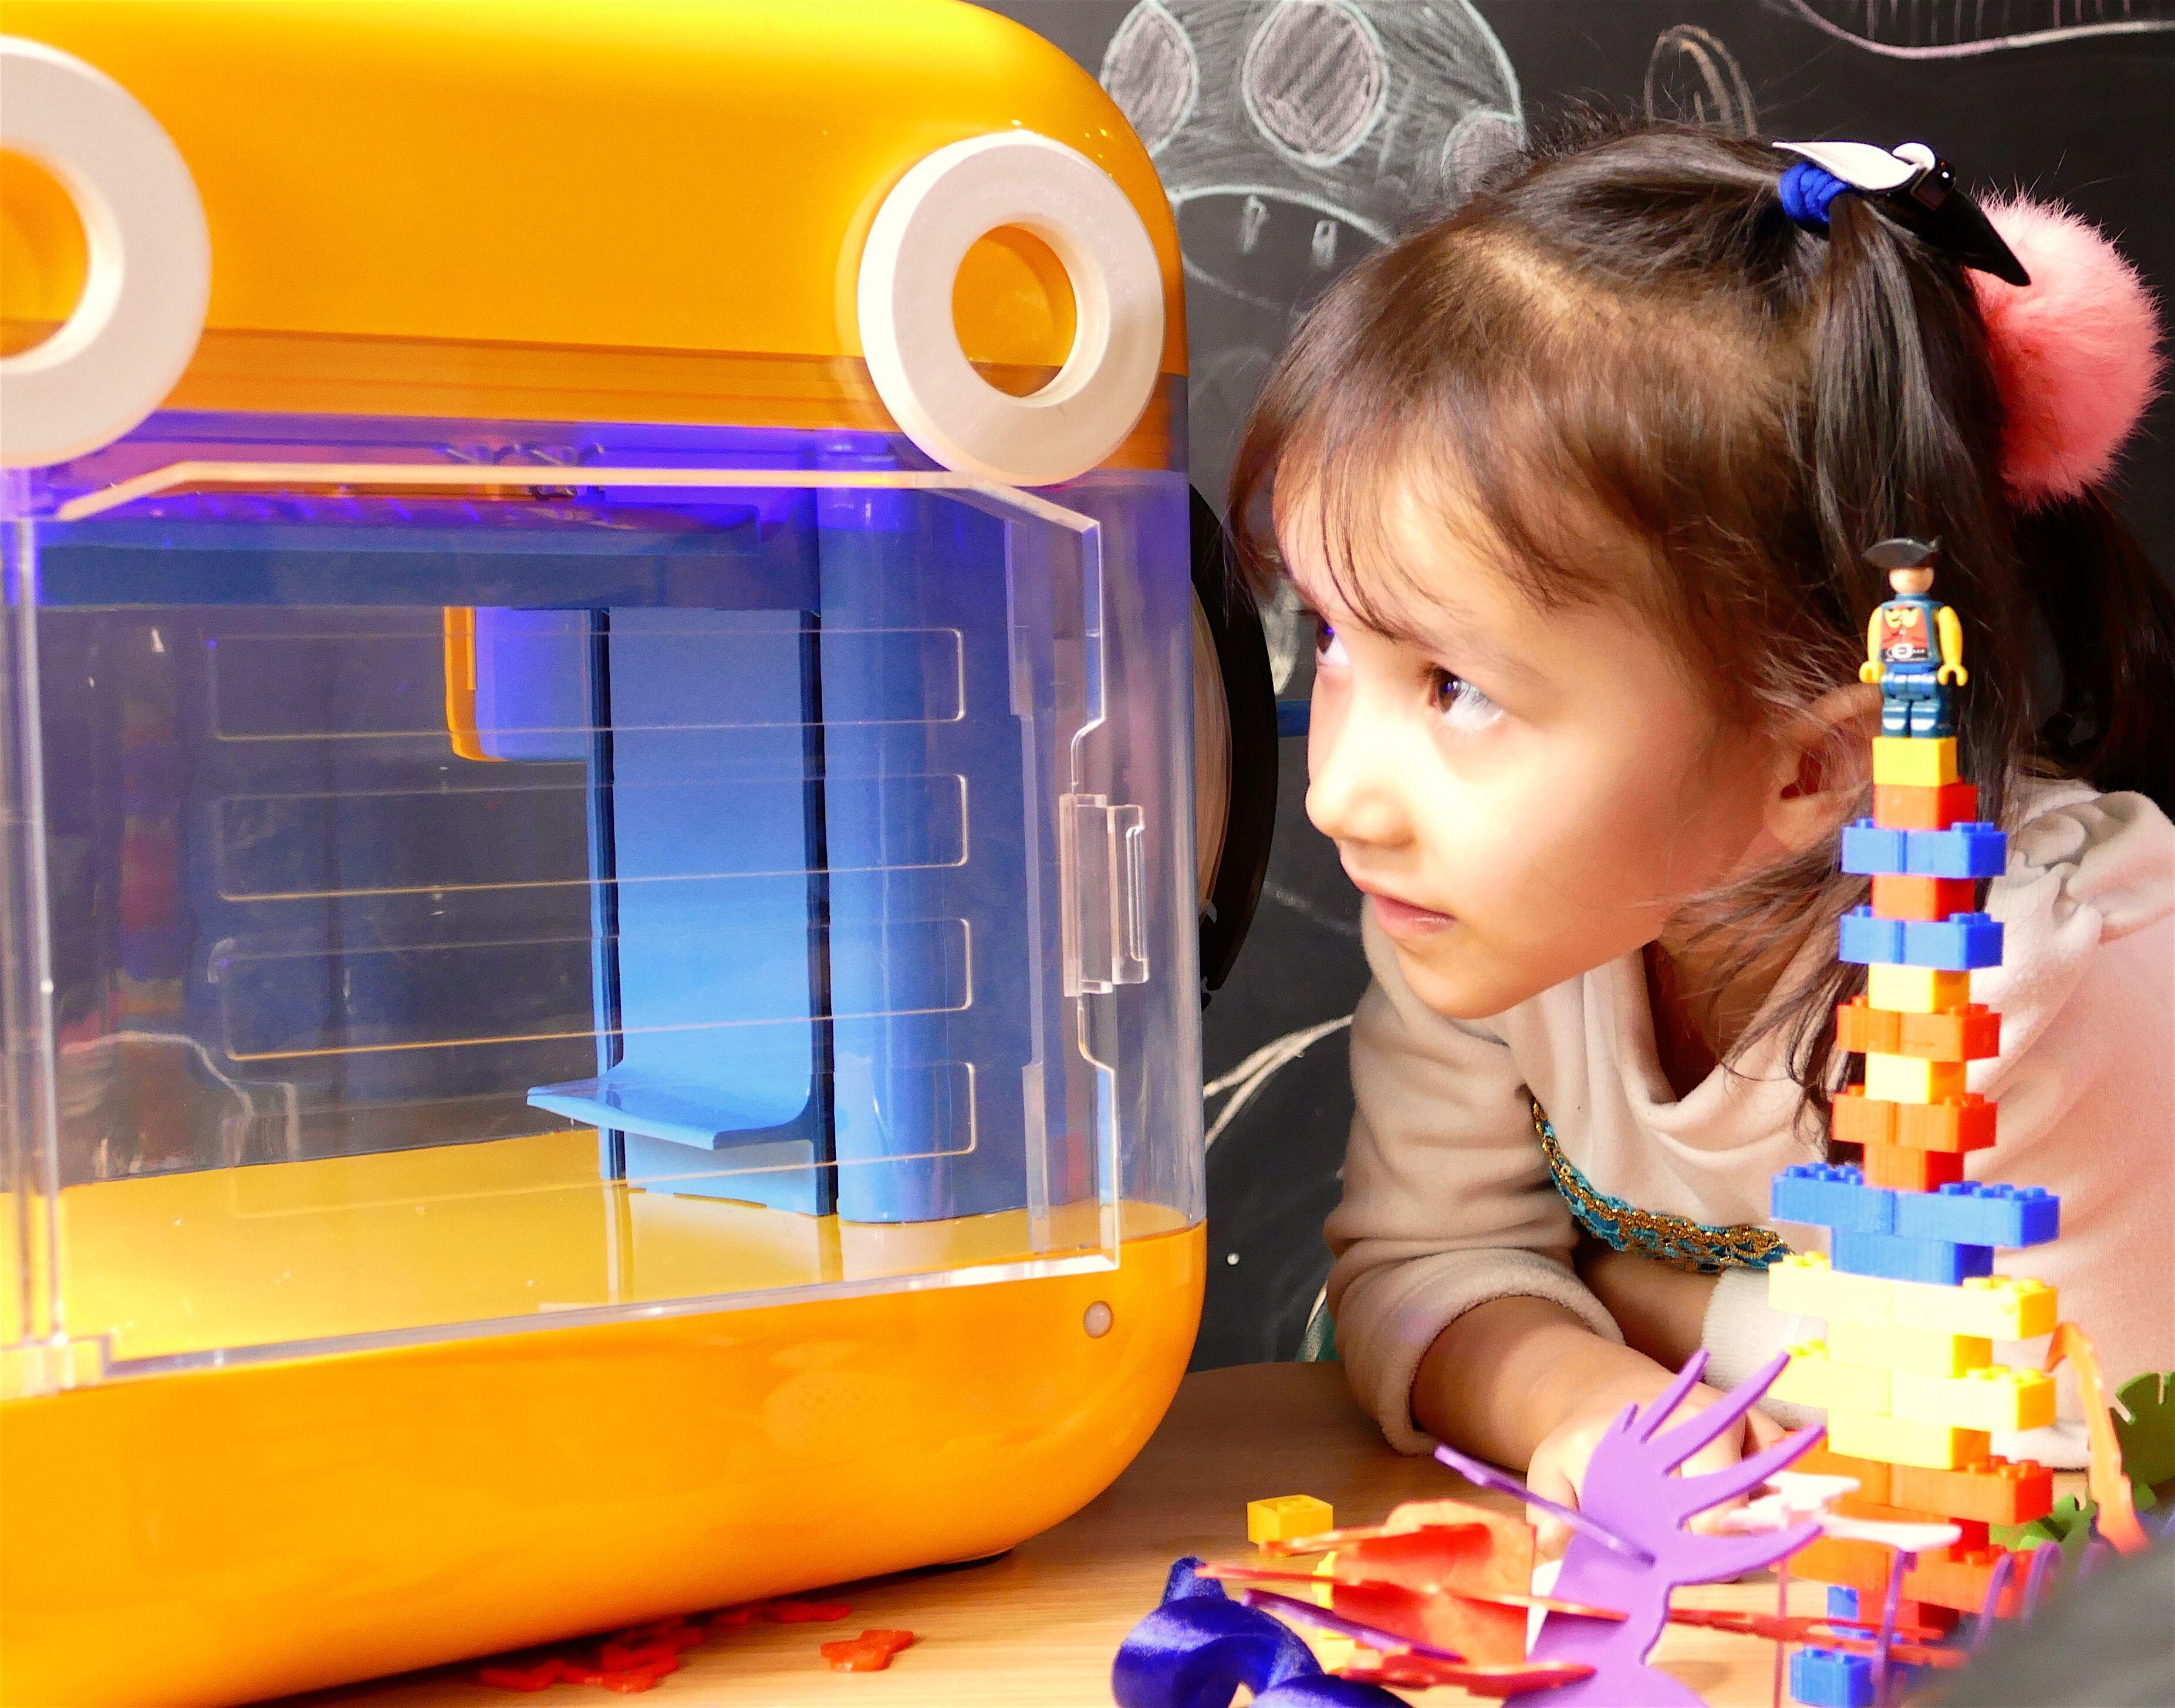 Award Winning 3D Printer for Kids ing Soon to Kickstarter